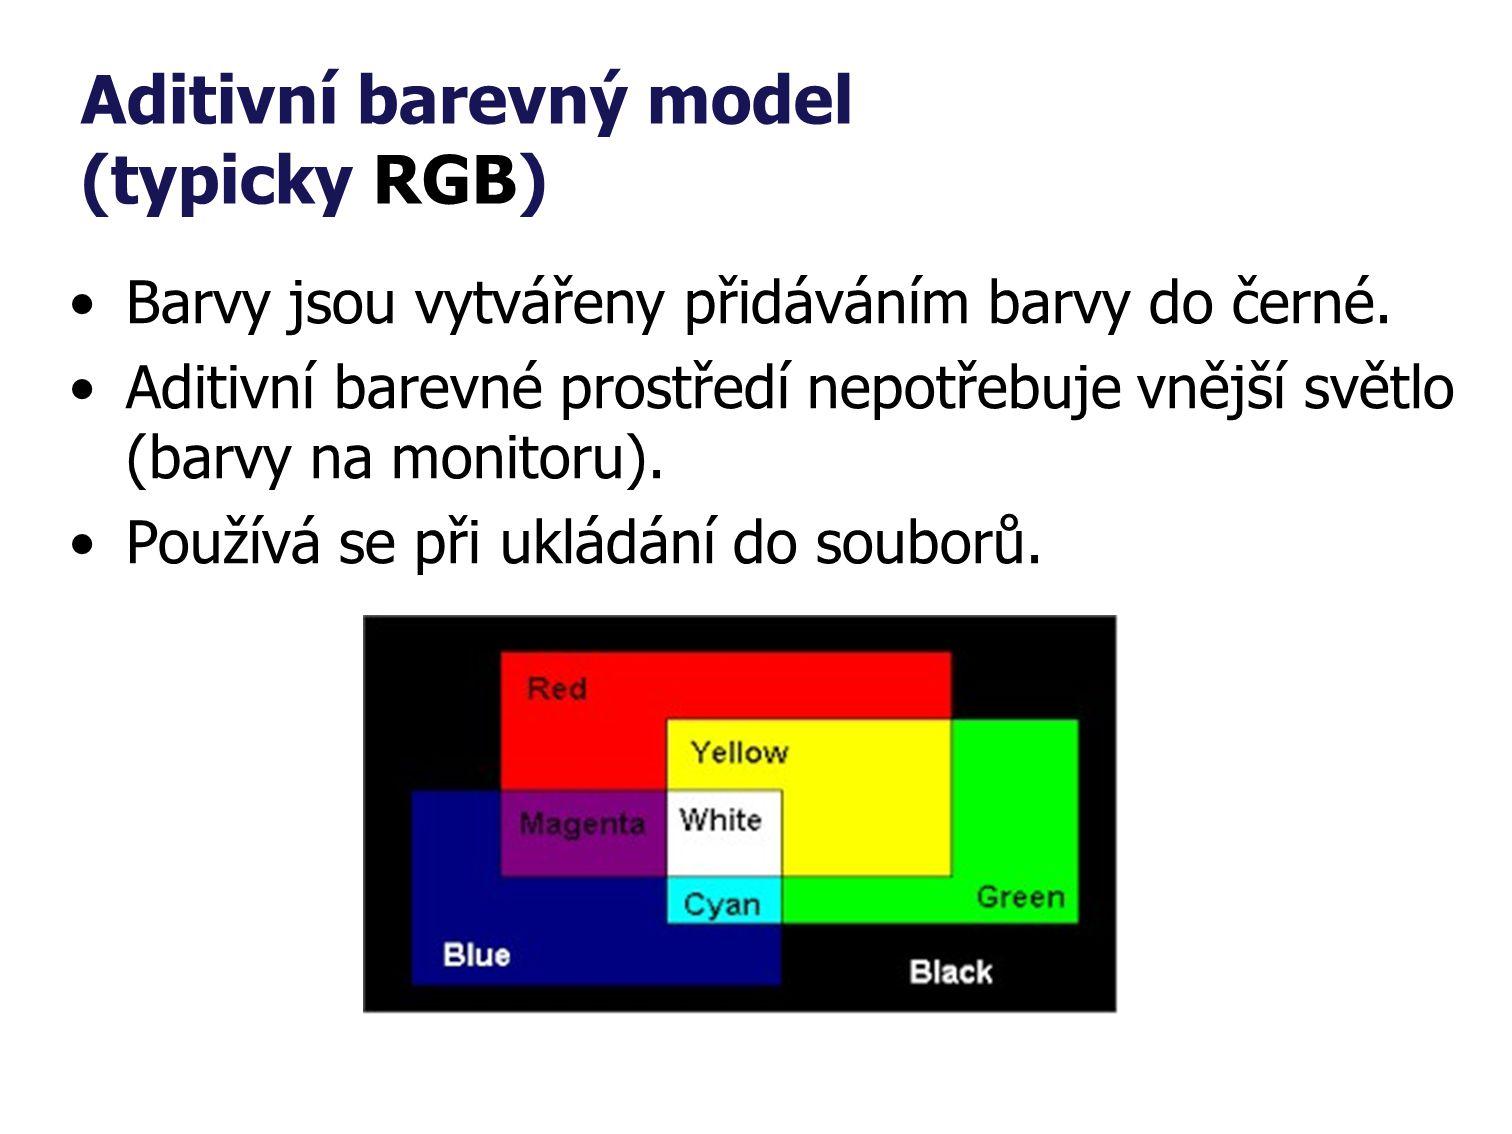 Aditivní barevný model (typicky RGB) Barvy jsou vytvářeny přidáváním barvy do černé.